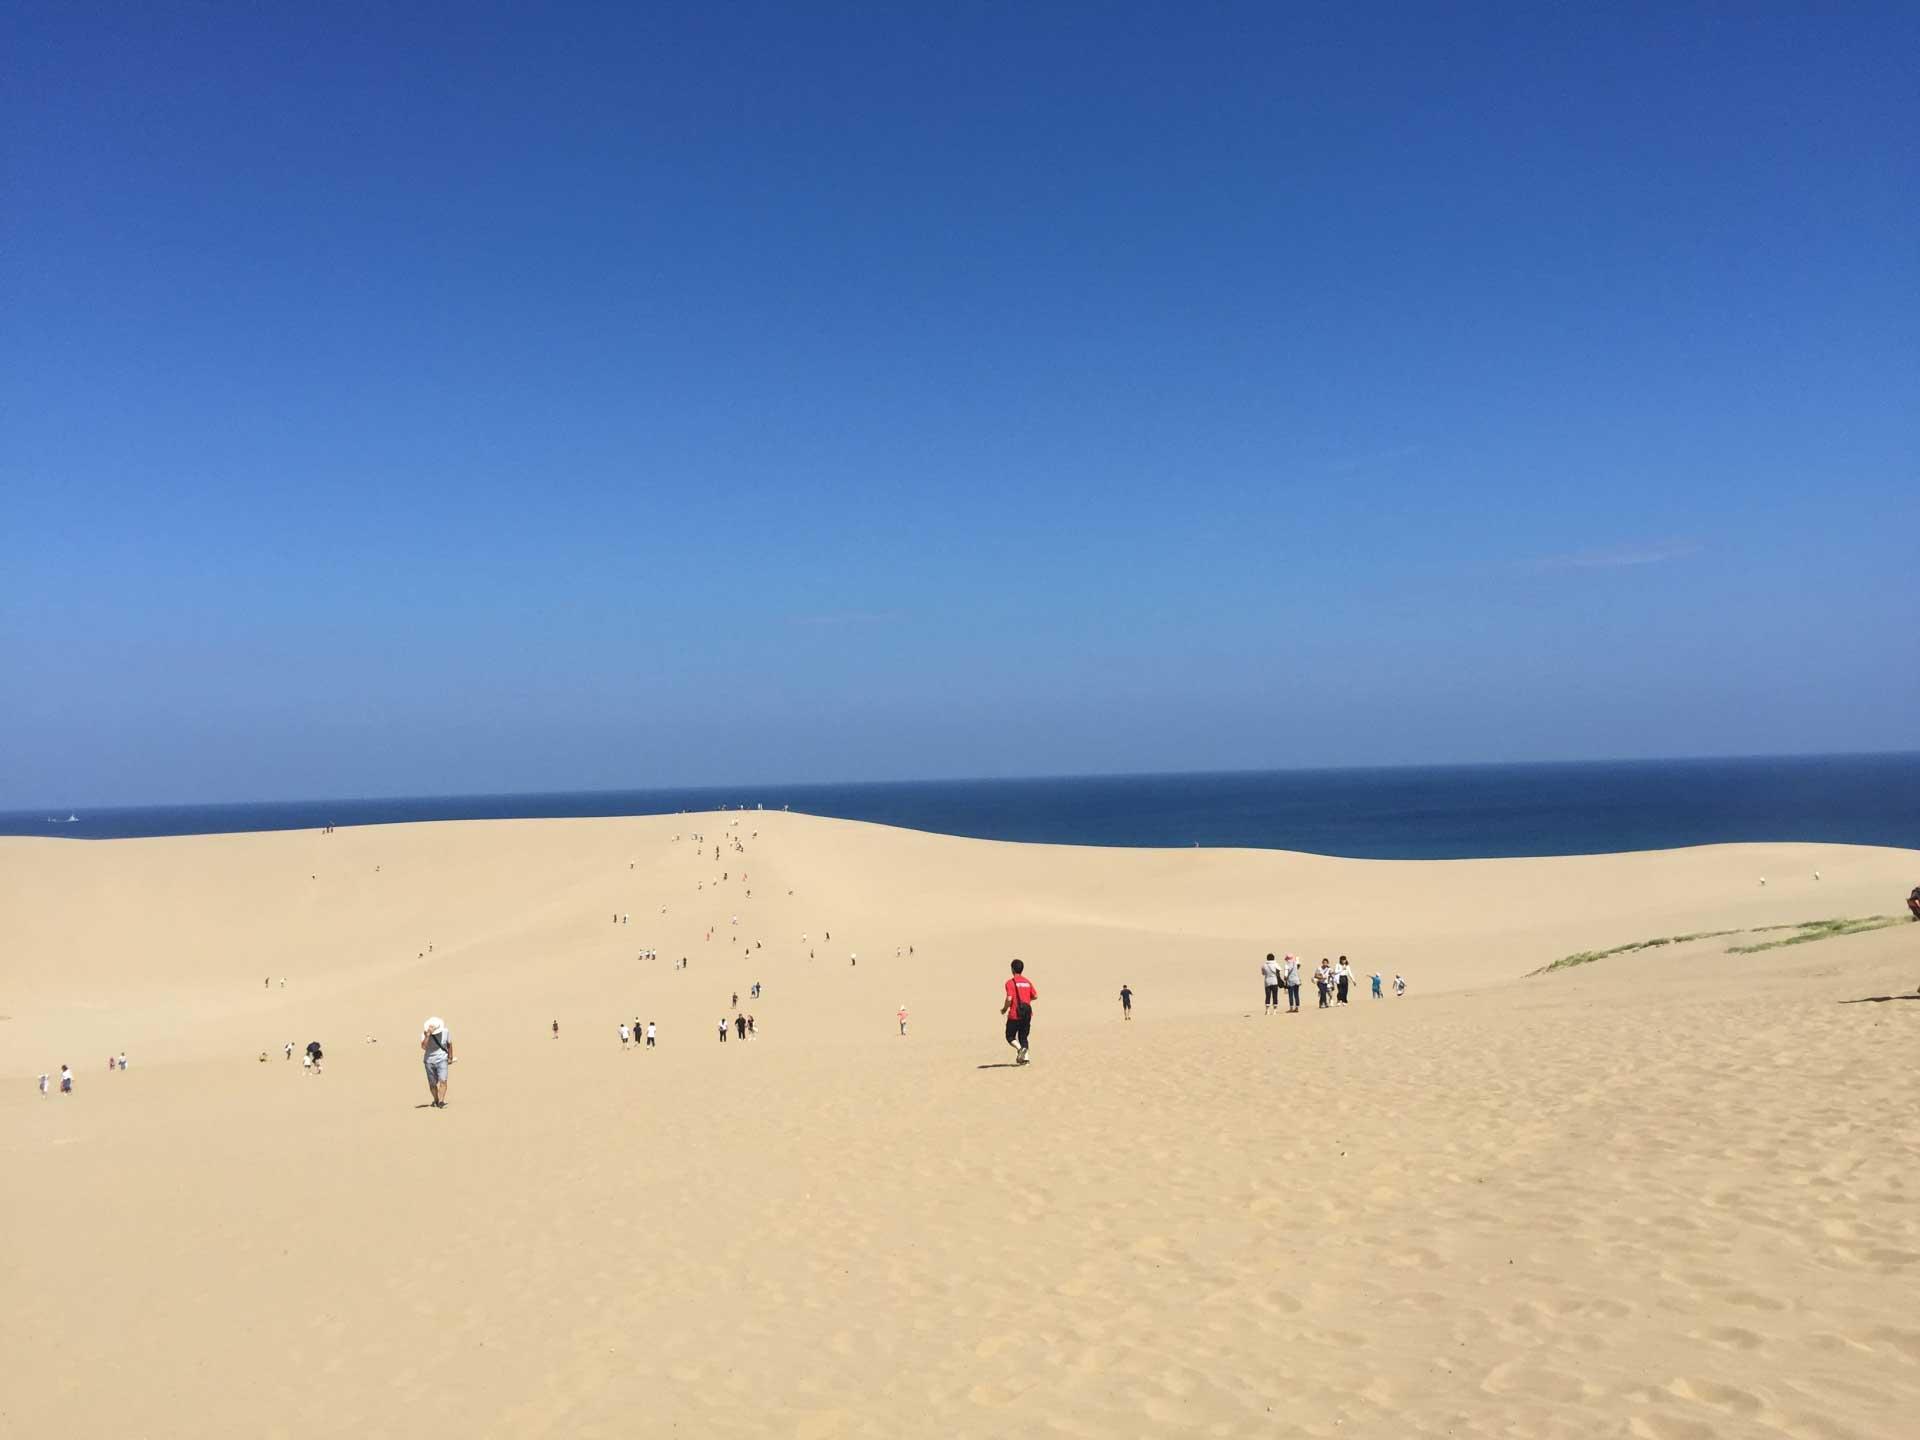 日本にいながら砂漠感を味わえる非日常空間